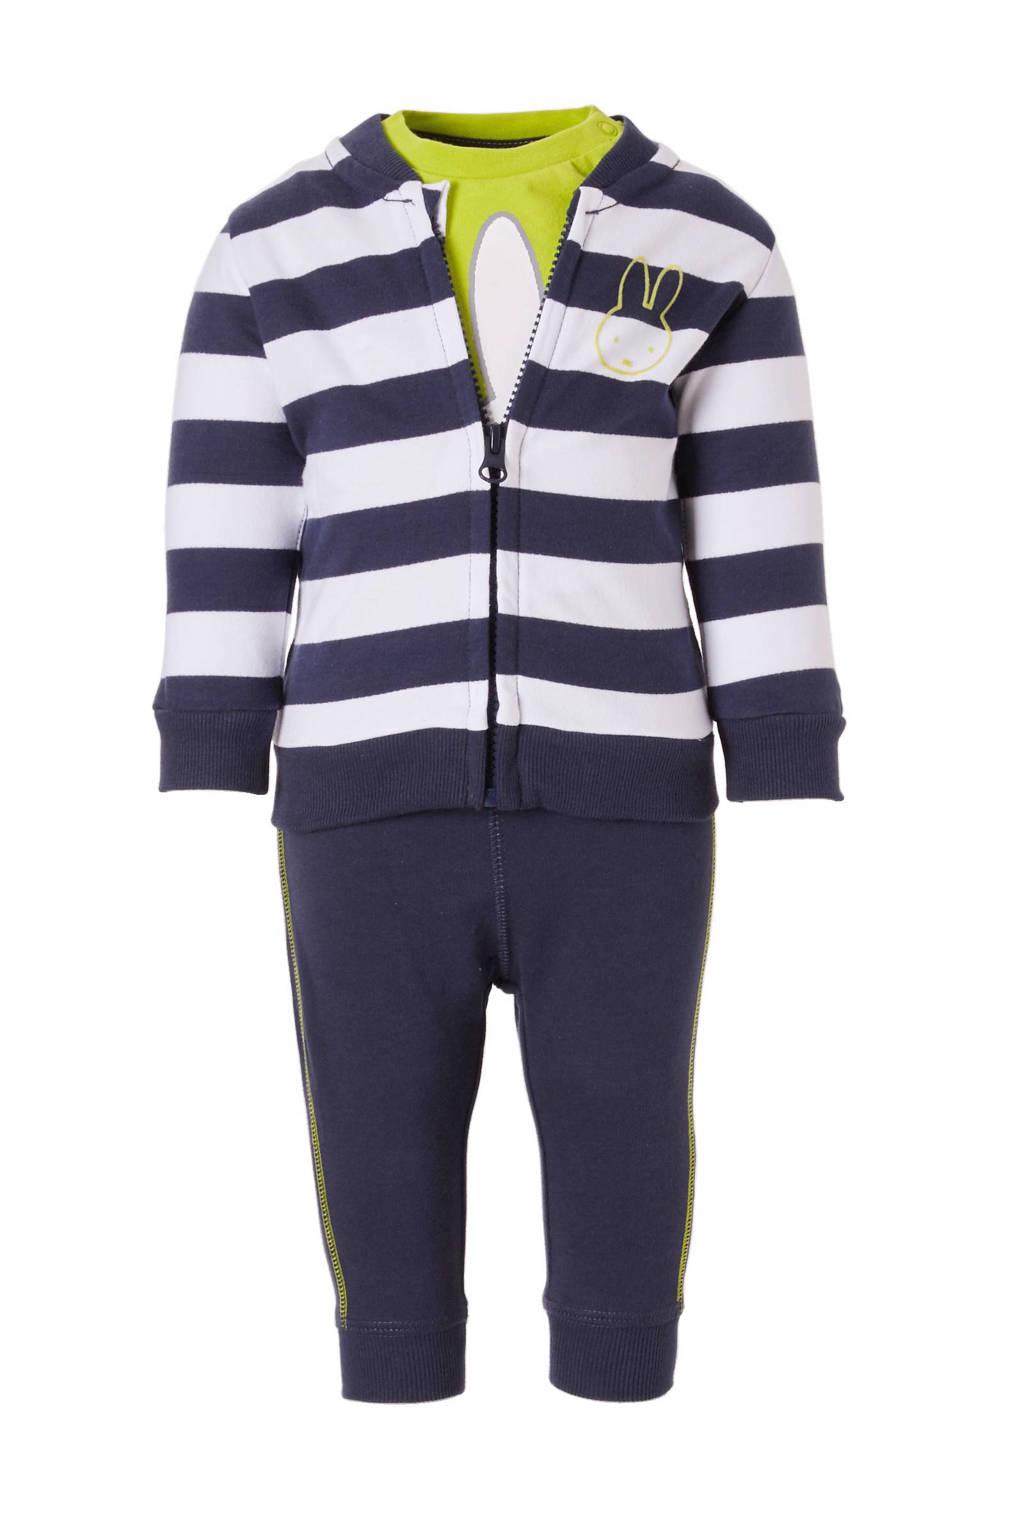 C&A nijntje vest + broek, Donkerblauw/wit